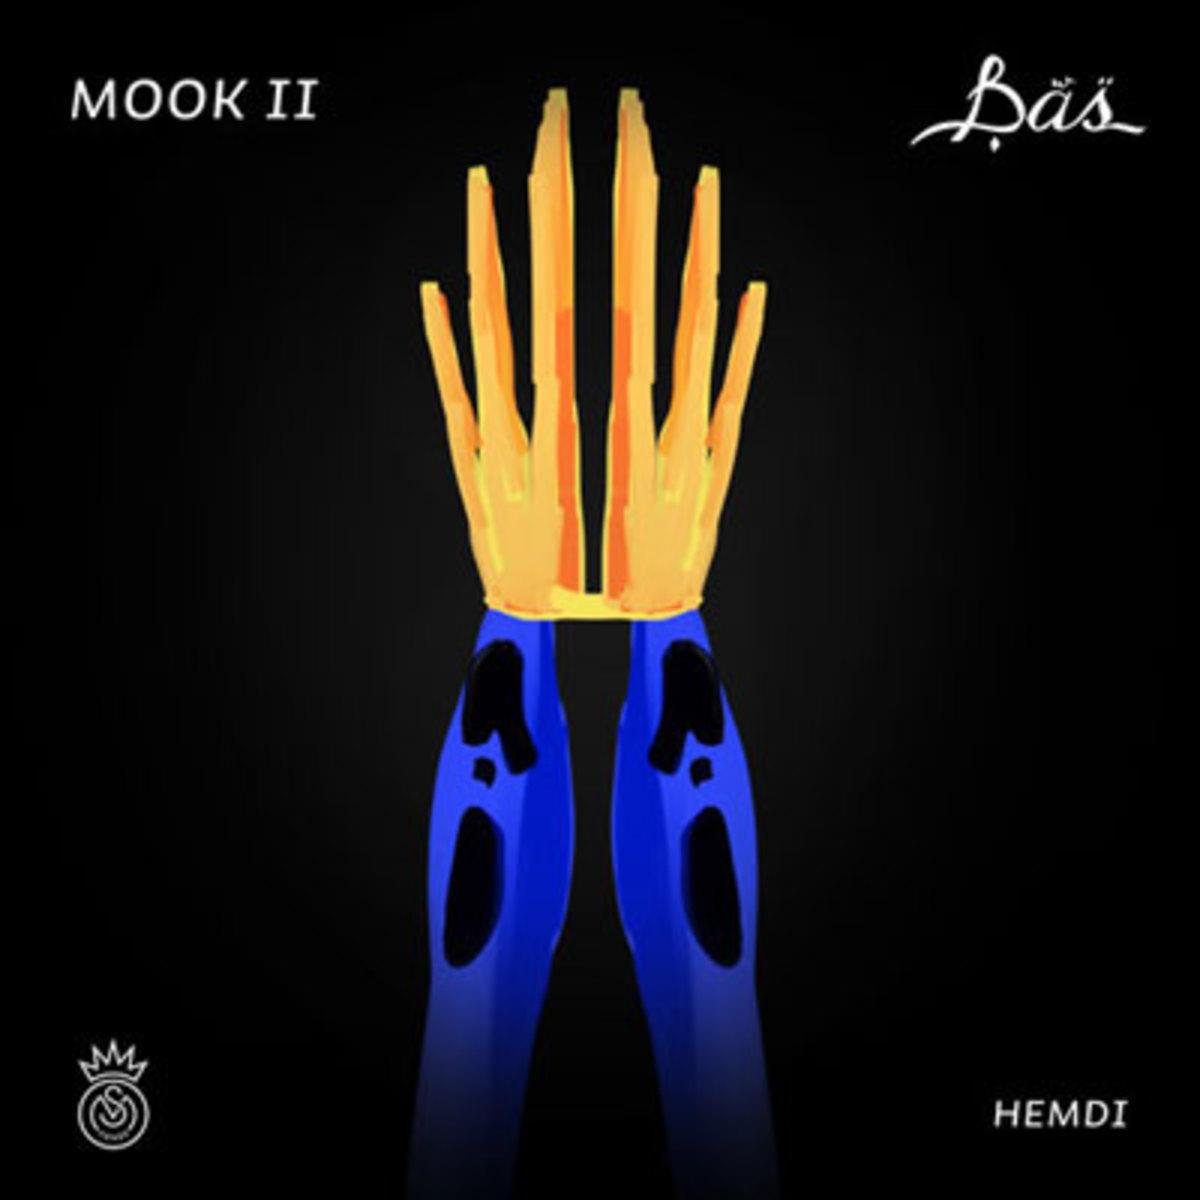 bas-mook2.jpg